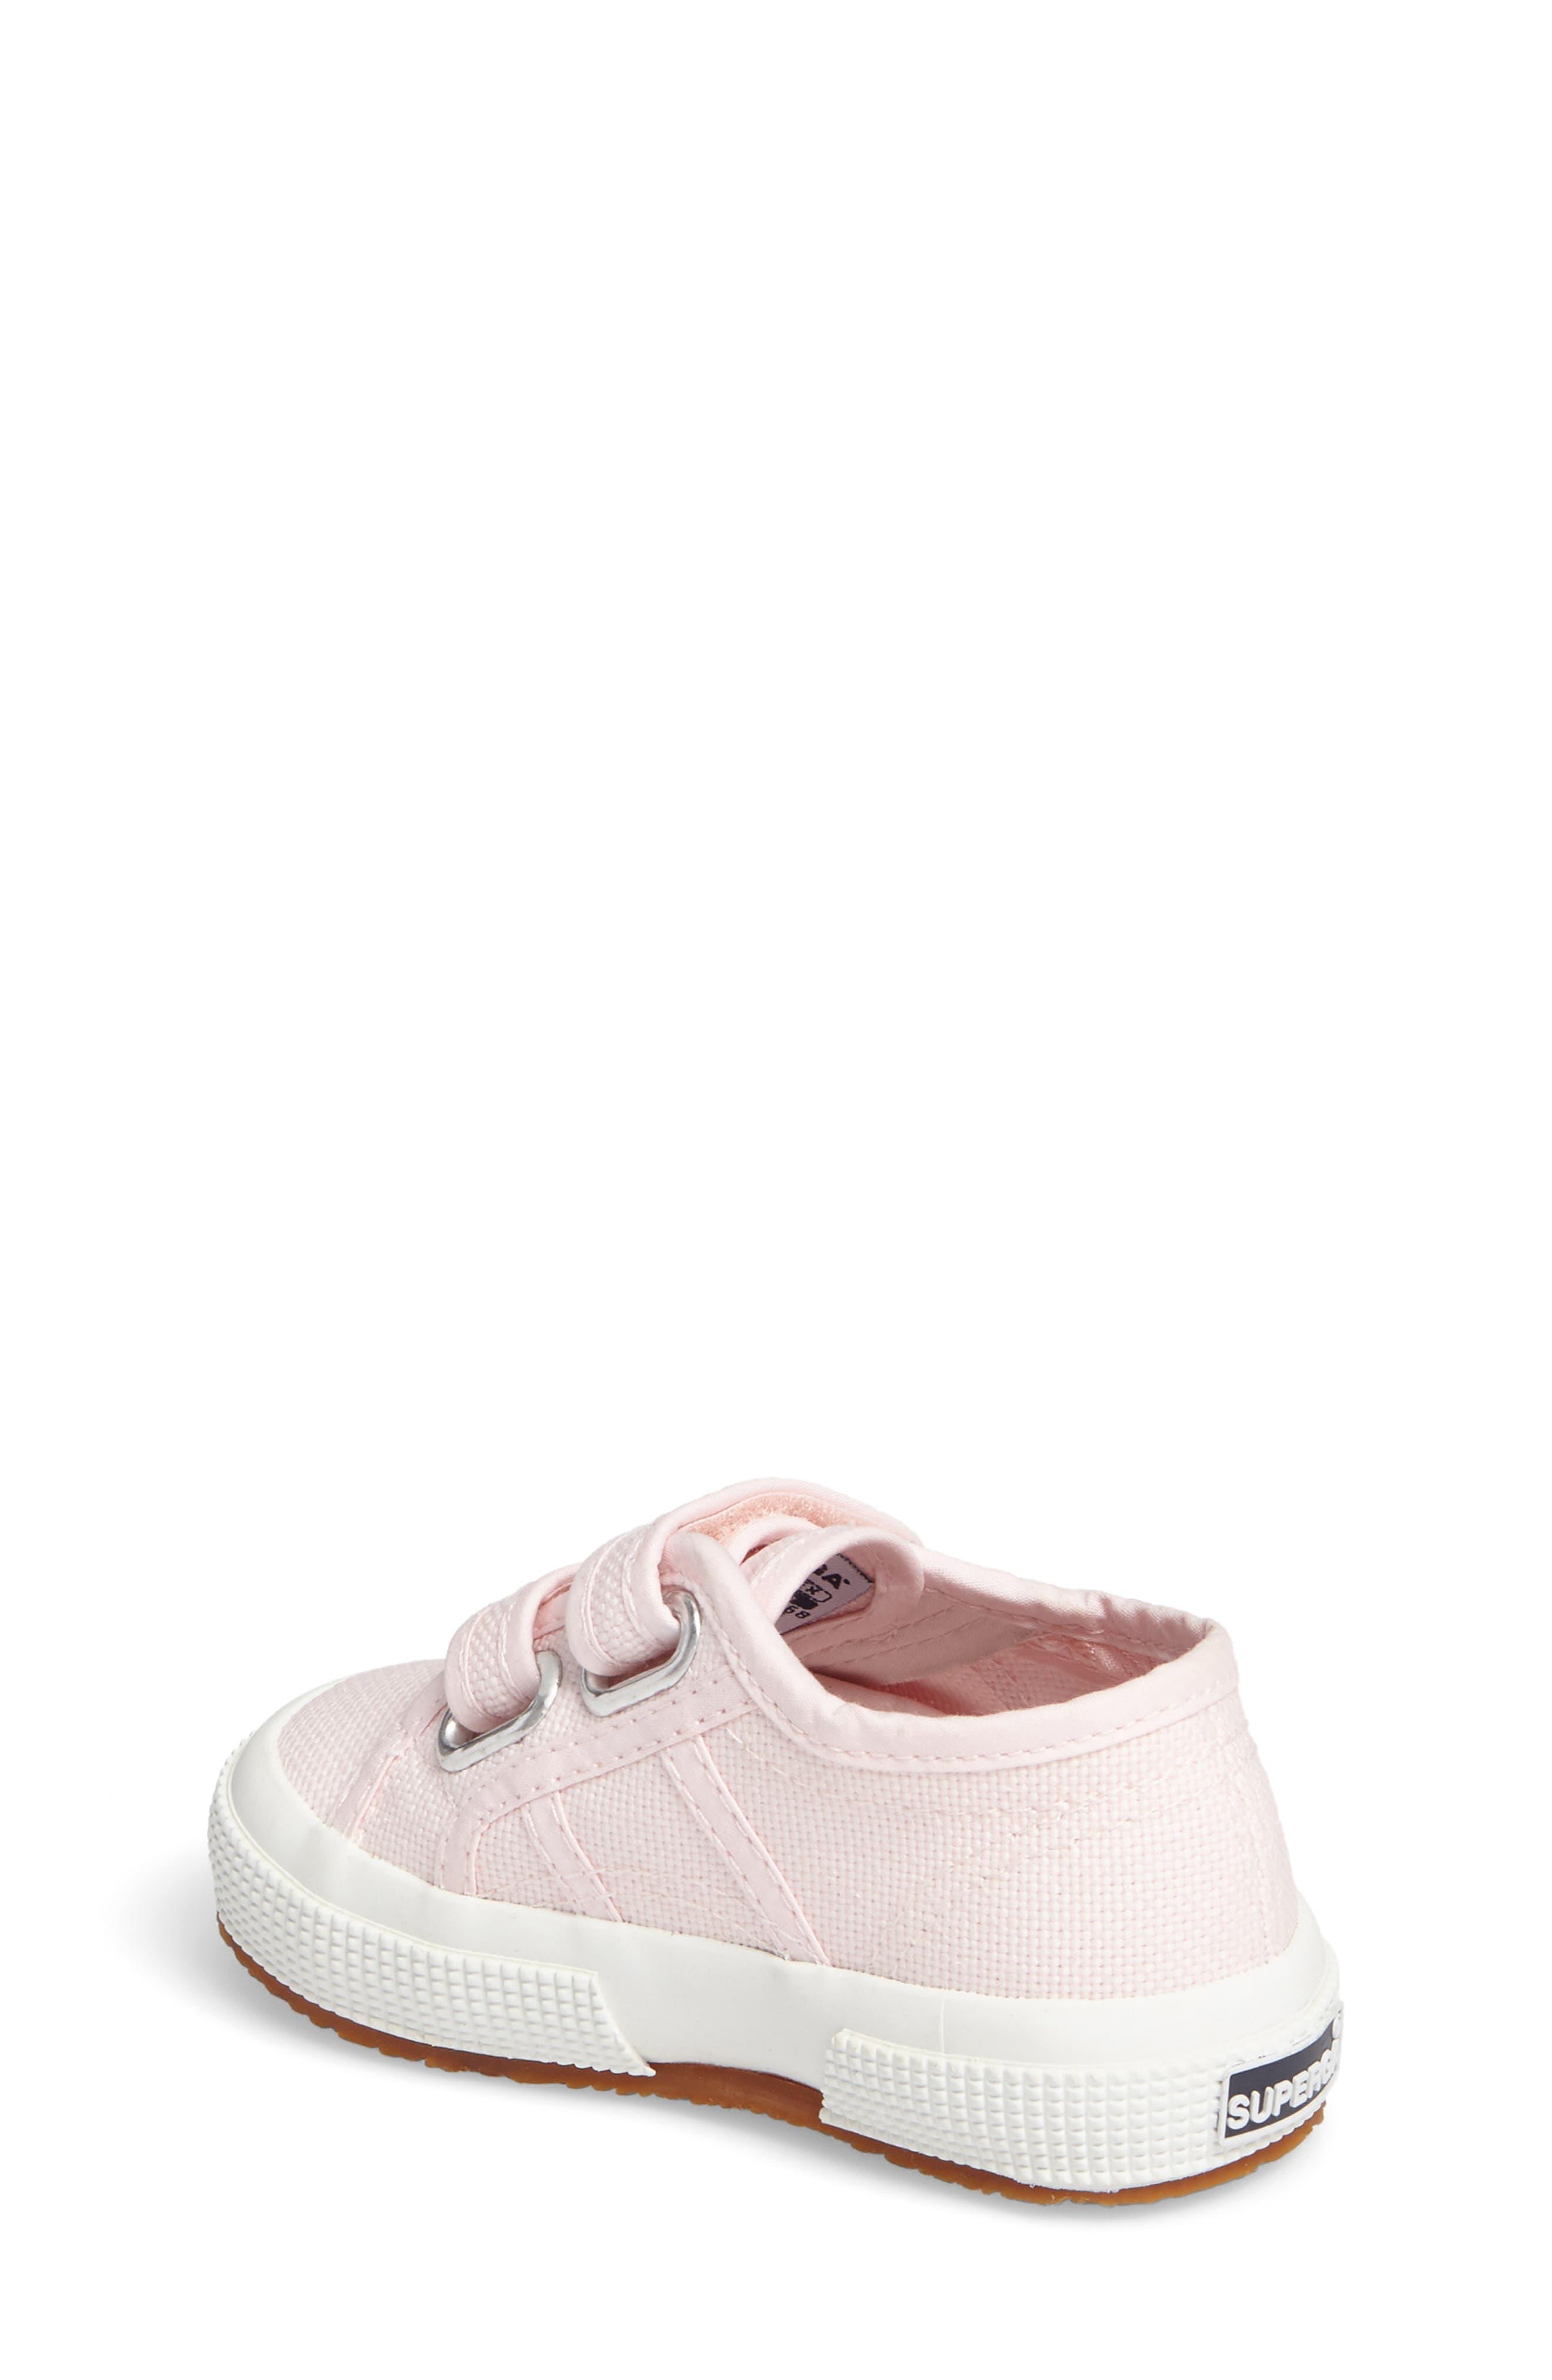 'Junior Classic' Sneaker,                             Alternate thumbnail 2, color,                             Pink